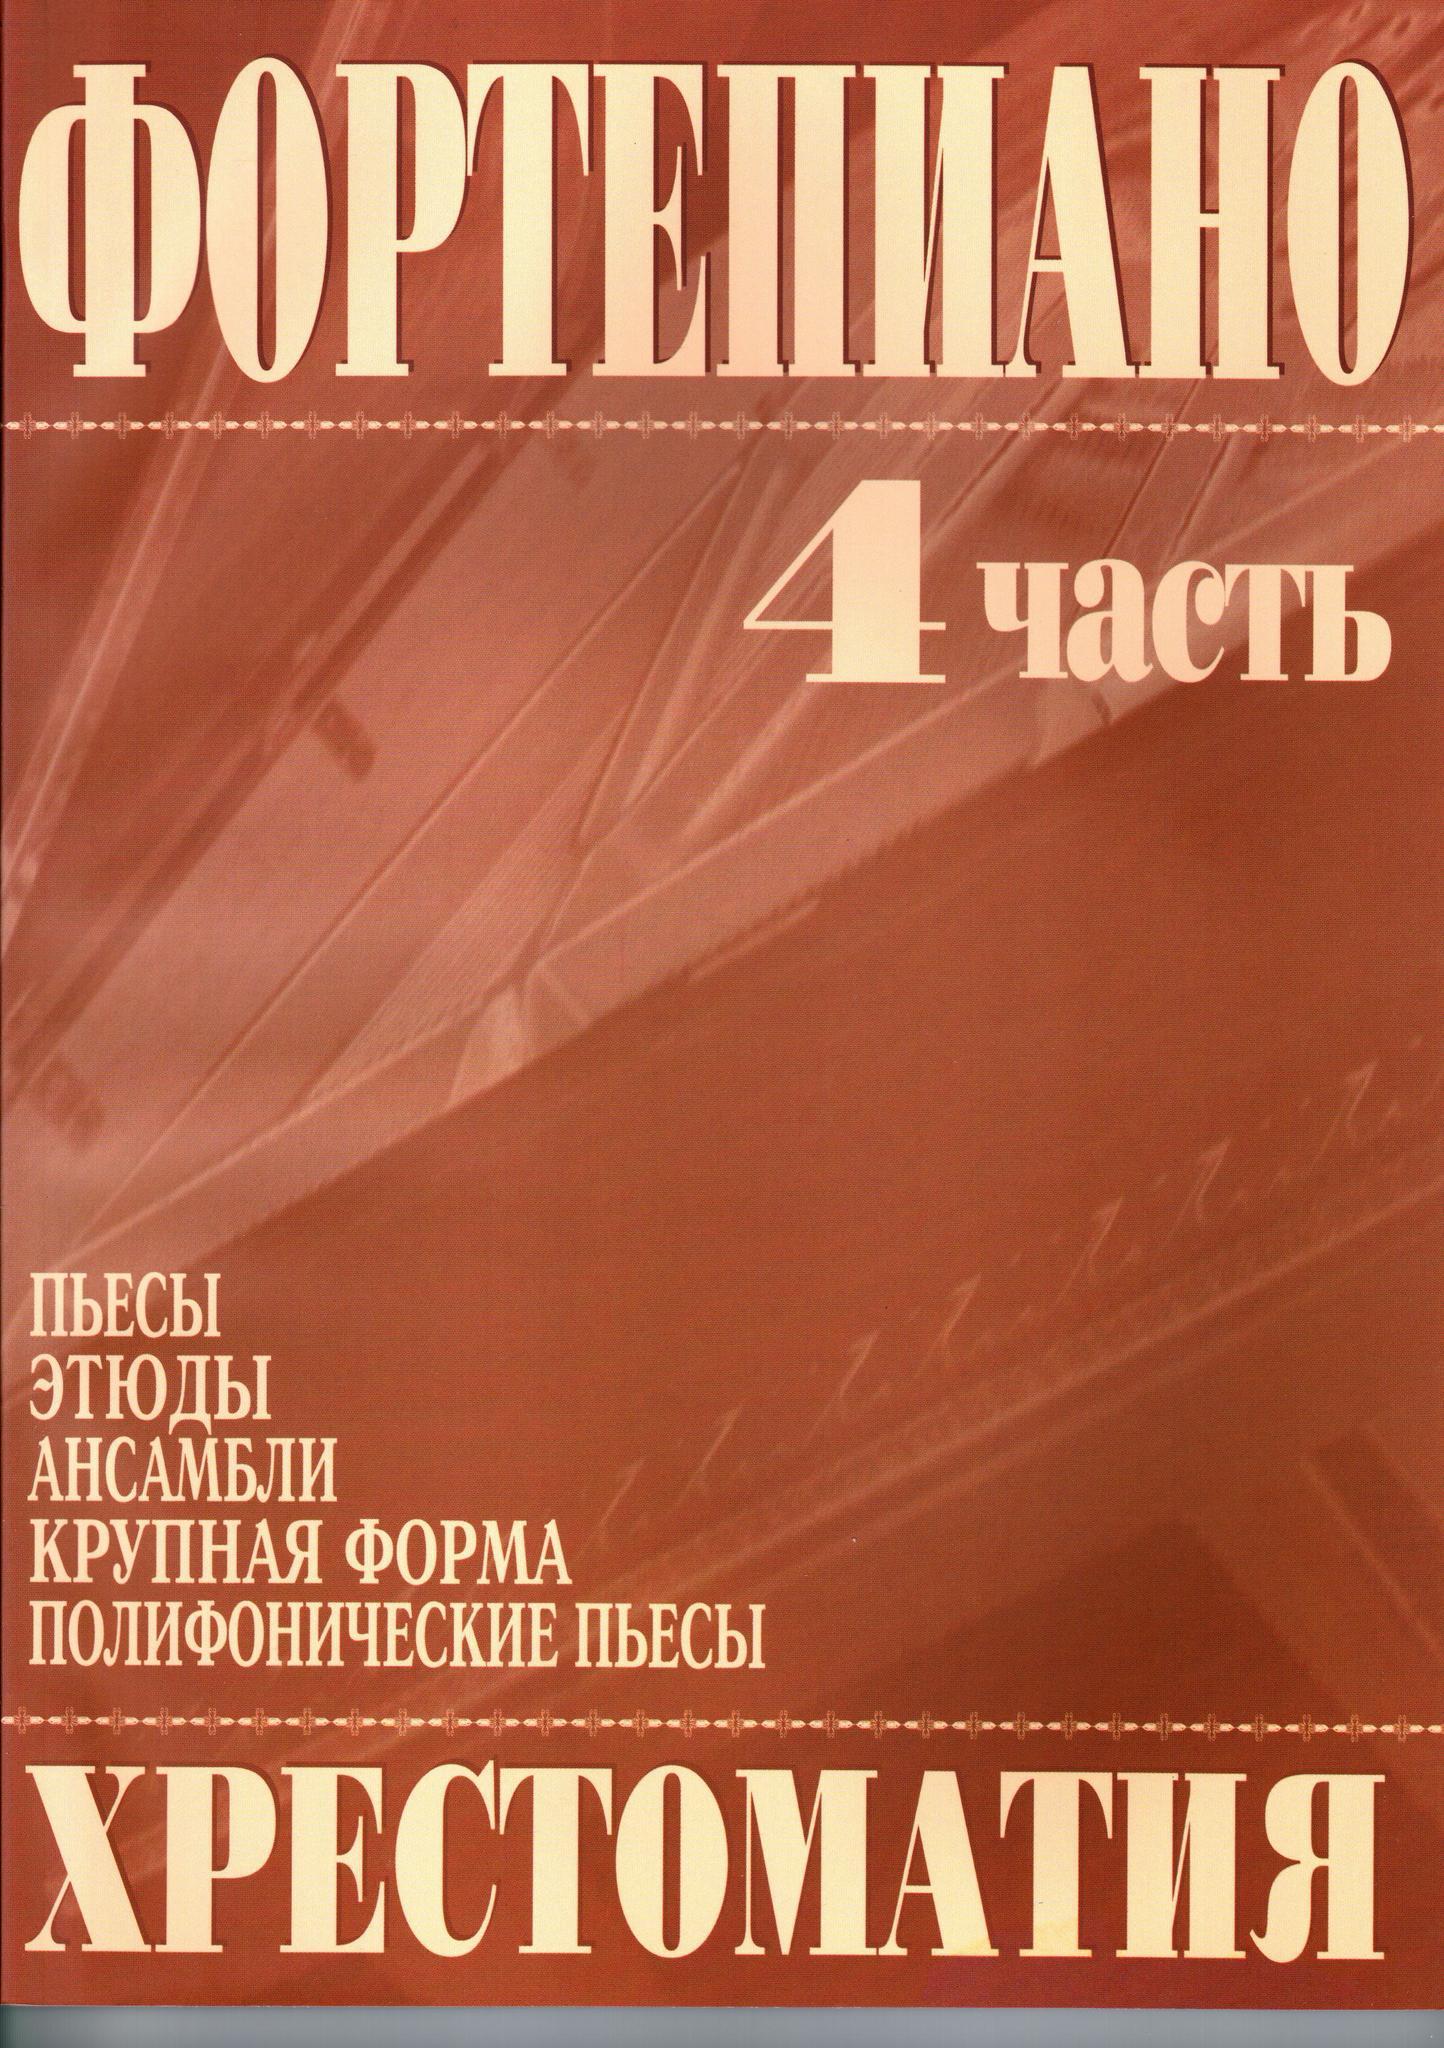 Григоренко В. Фортепиано. Хрестоматия 4 часть. (Пьесы, этюды, ансамбли, крупная форма, полифонические пьесы)